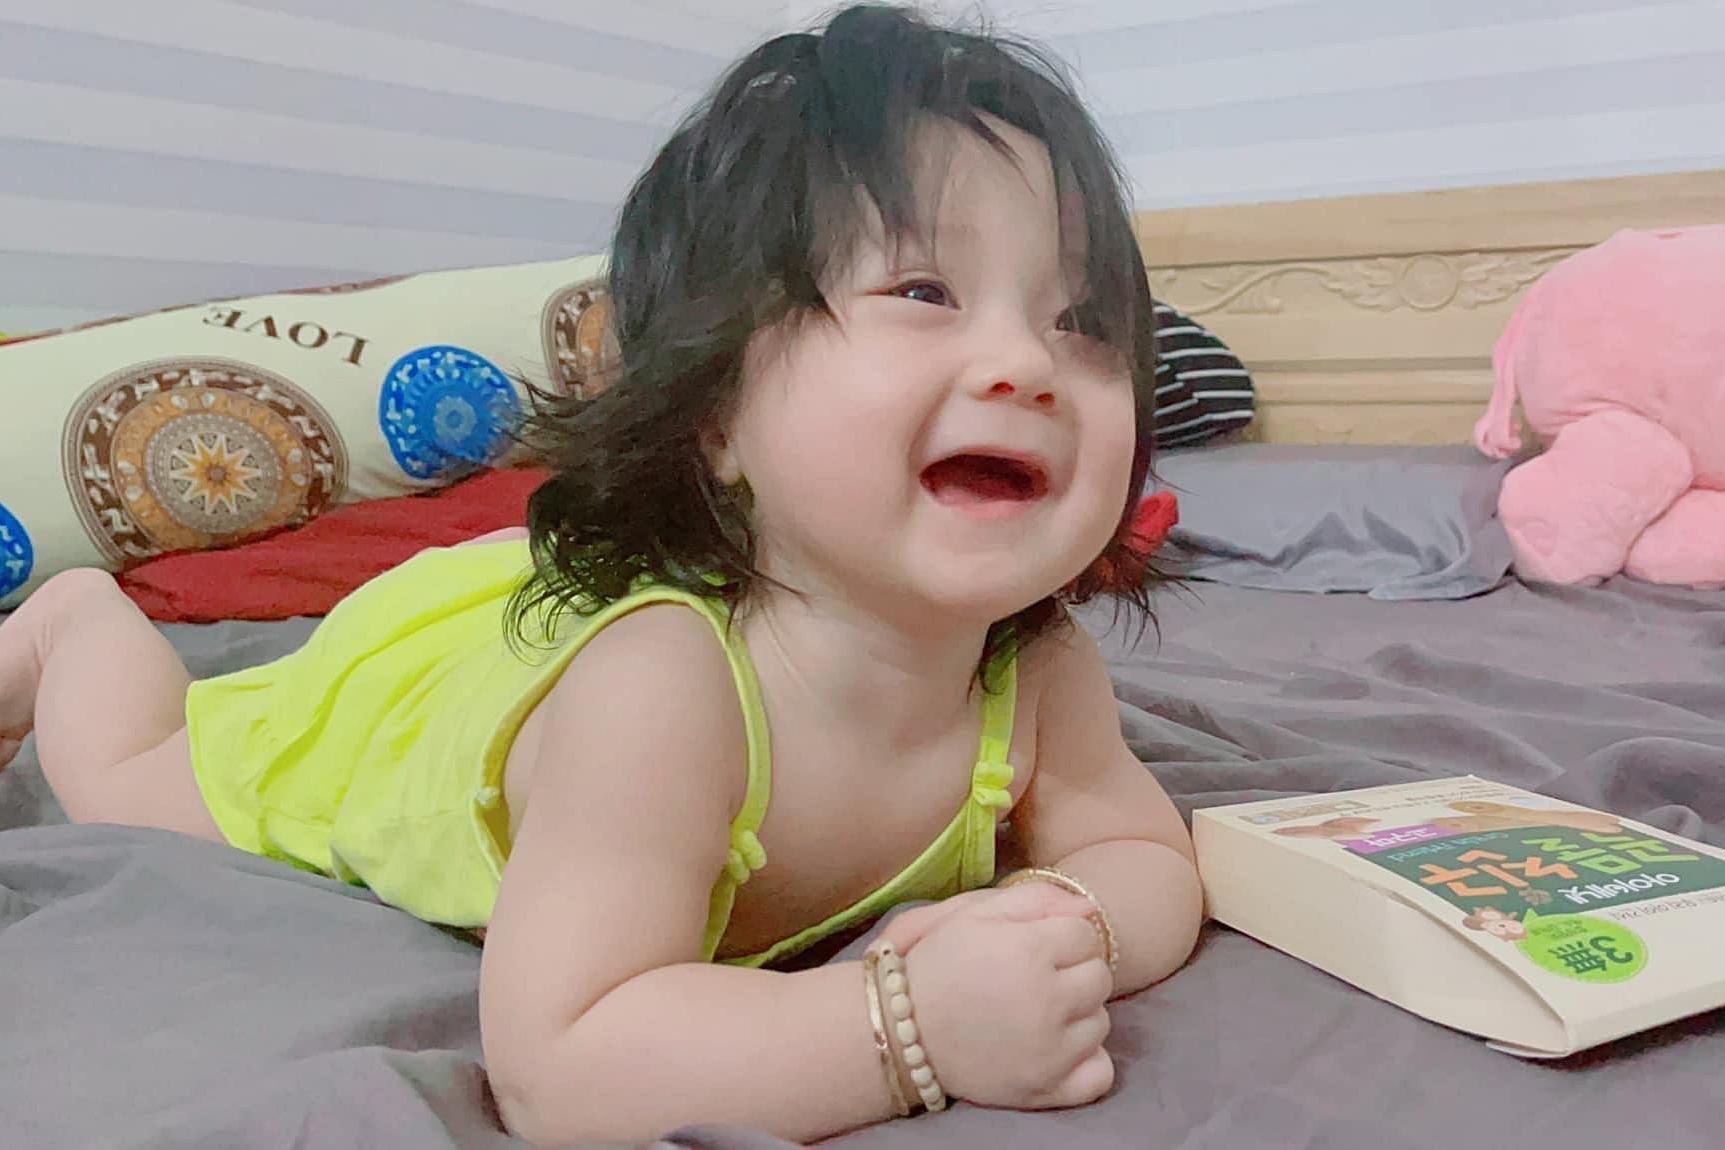 Nhờ có kinh nghiệm, Lâm Chấn Khang có thể phụ chăm con thuần thục. Hai bé Gia Phúc và Gia An cũng thương em, phụ bố mẹ quan sát và chơi với em.